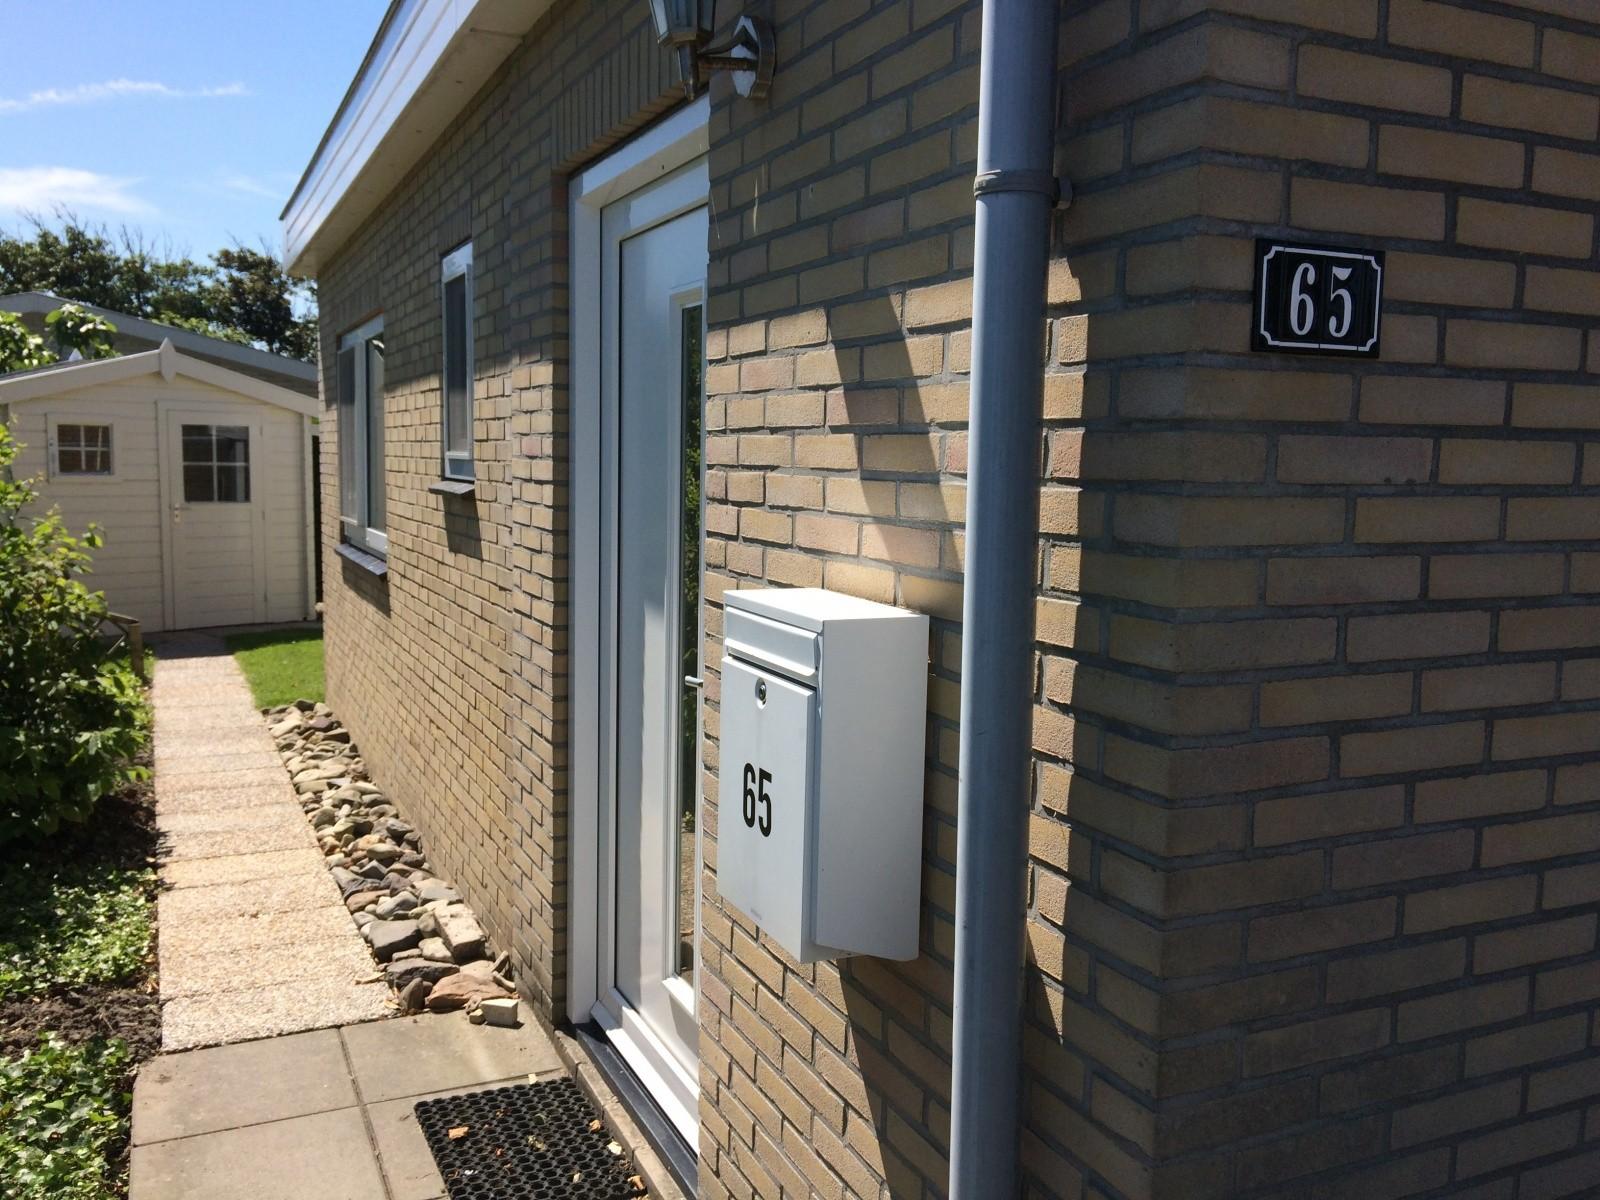 De voordeur | Vakantiebungalow Joossesweg 65, Westkapelle